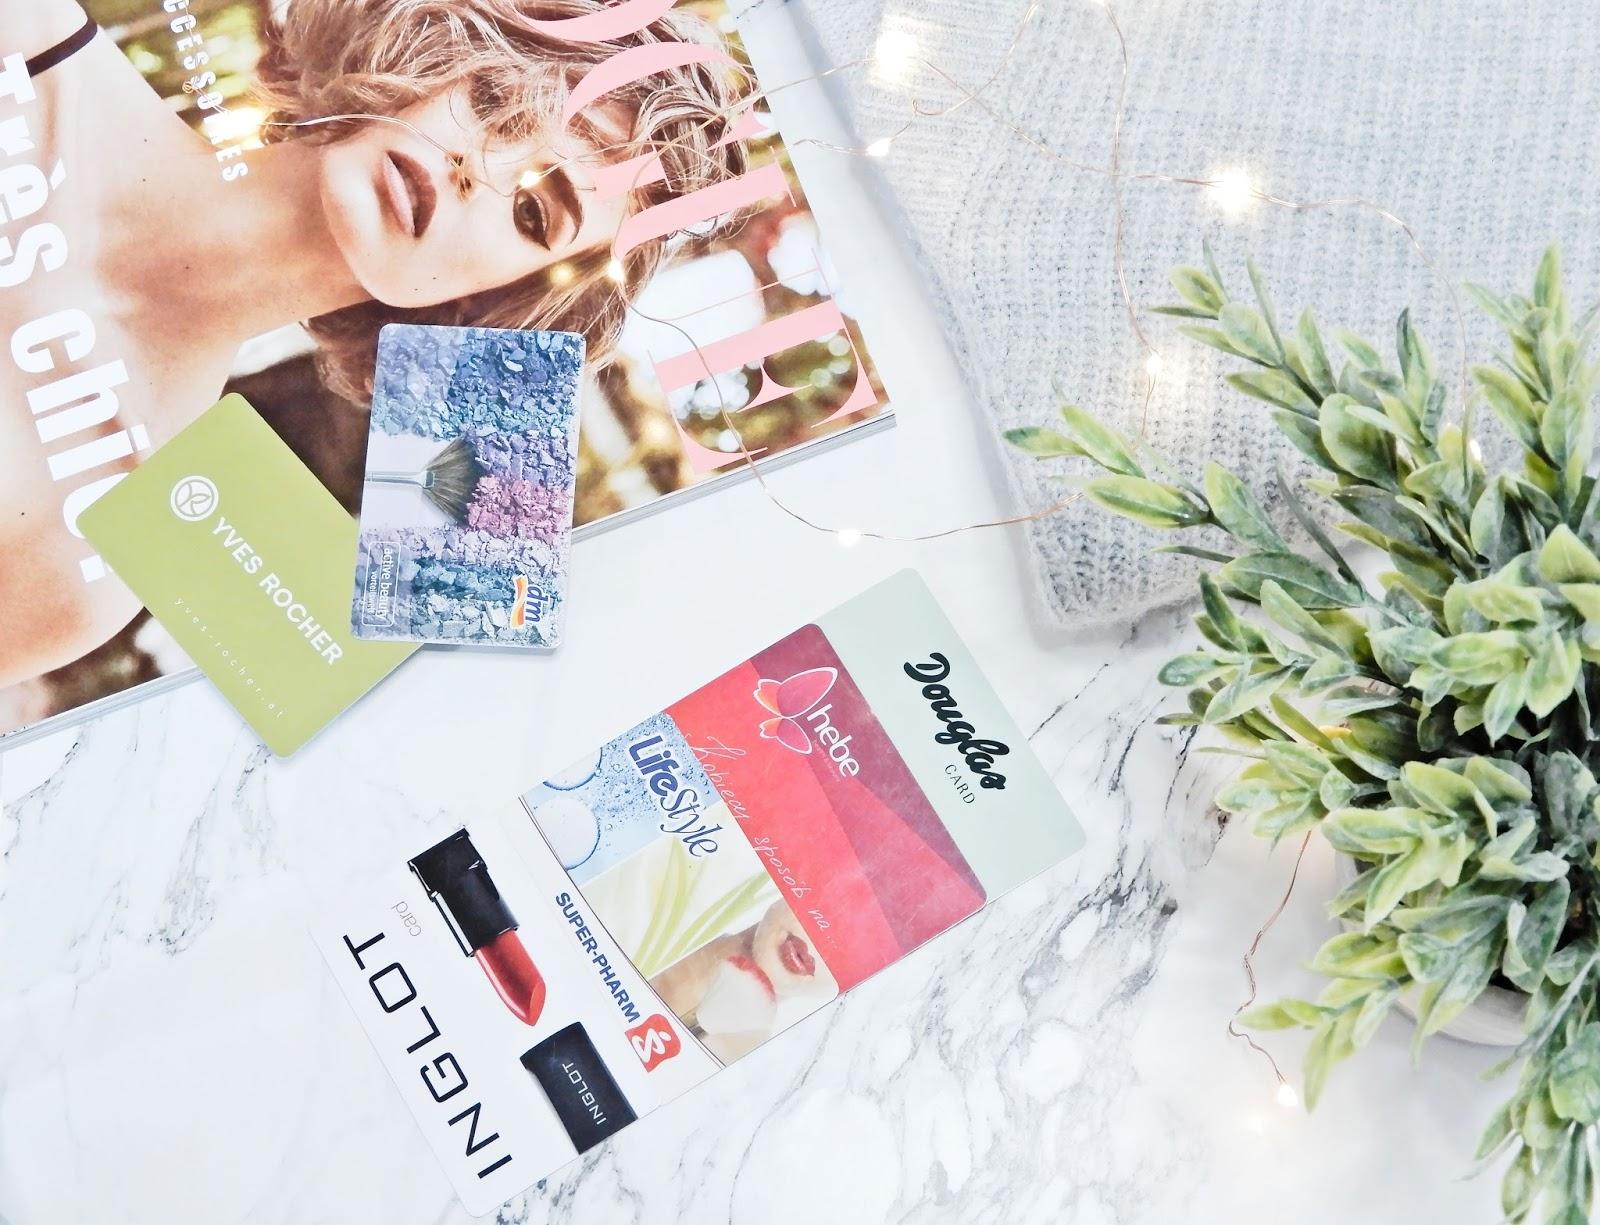 #Smartshopping. Karty lojalnościowe i promocje, czyli blogerki na zakupach